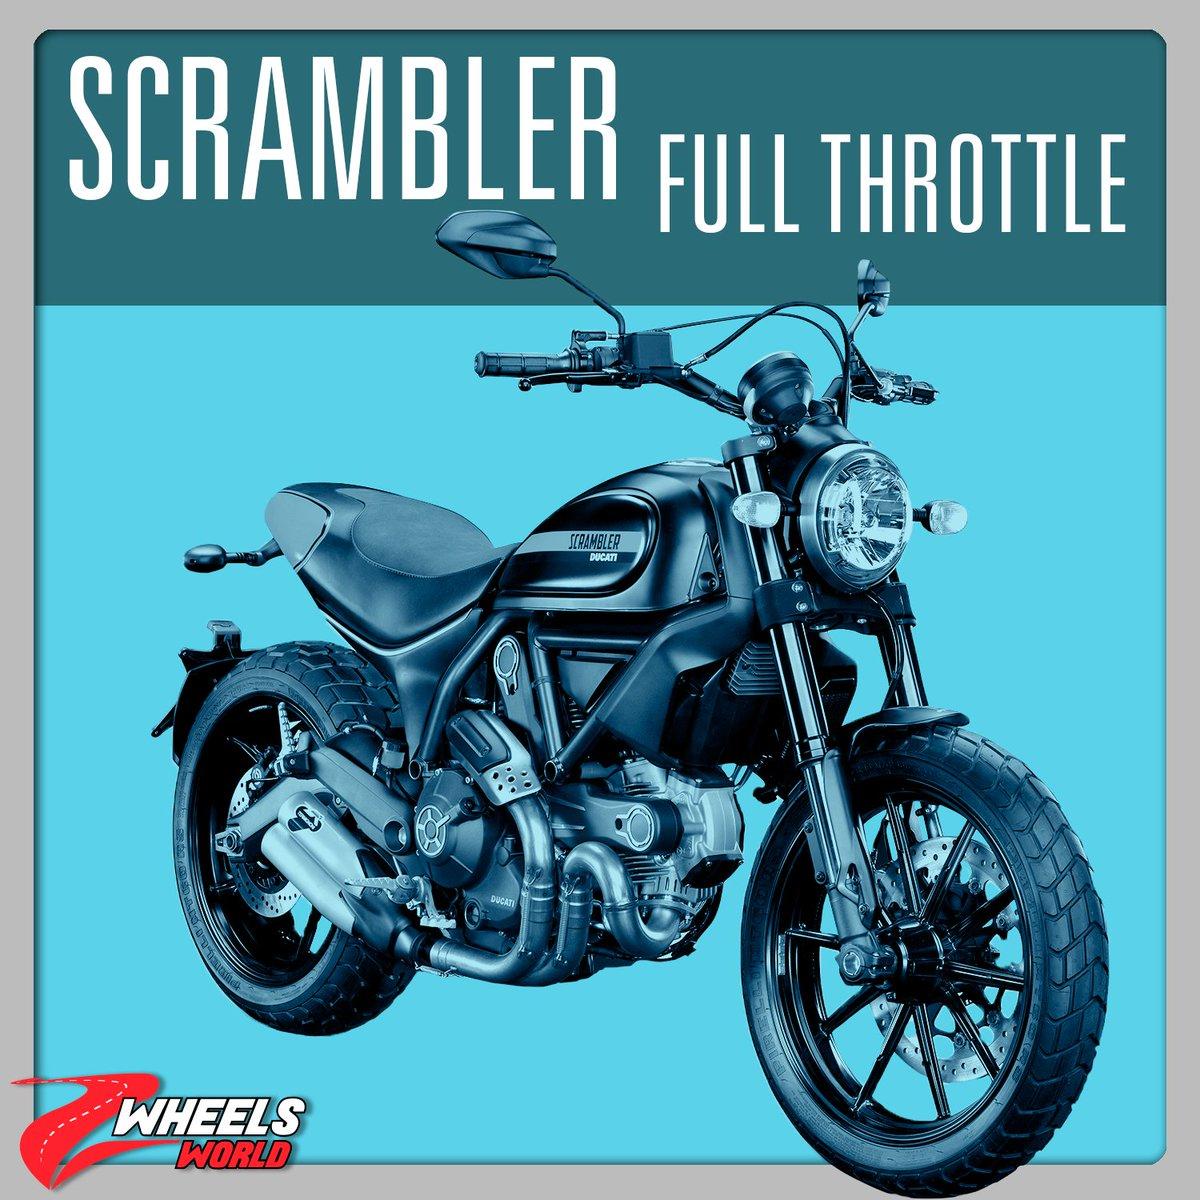 hight resolution of pure ducati on twitter old school new tech bike ducati scrambler fullthrottle twowheelsworld ducatipompano